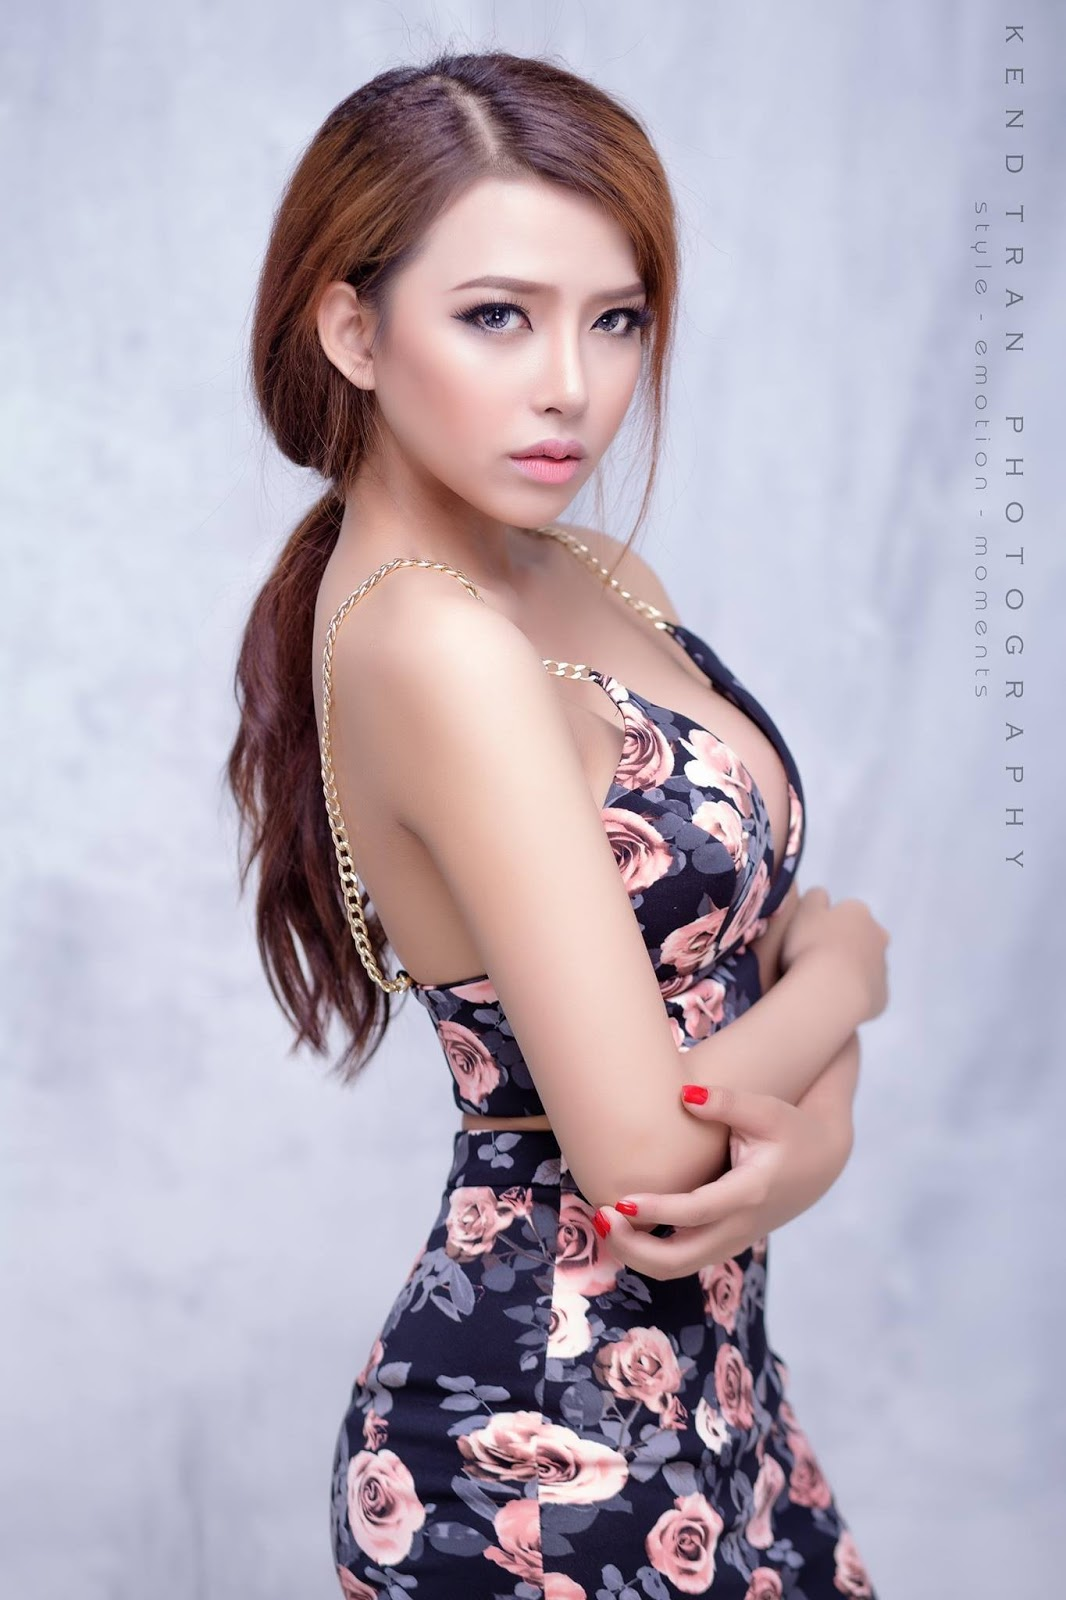 Chết mê với vẻ đẹp của hot girl Huỳnh Khánh Vy